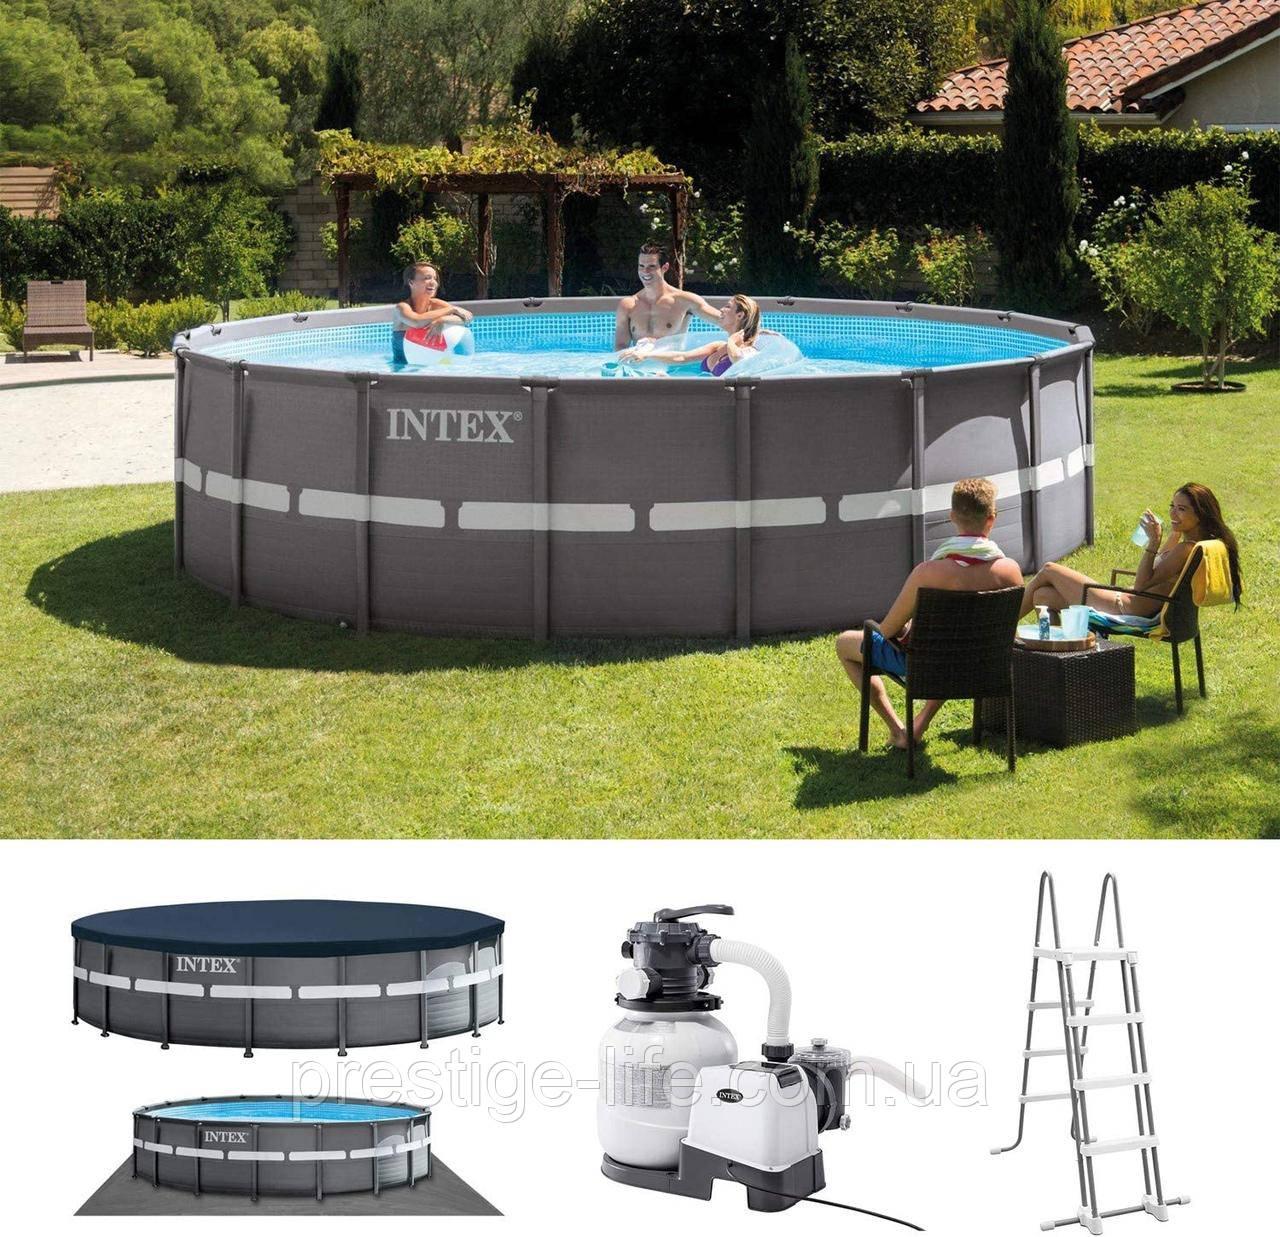 Каркасный бассейн Intex 26330 Ultra Frame XTR (549x132 см) с полным комплектом